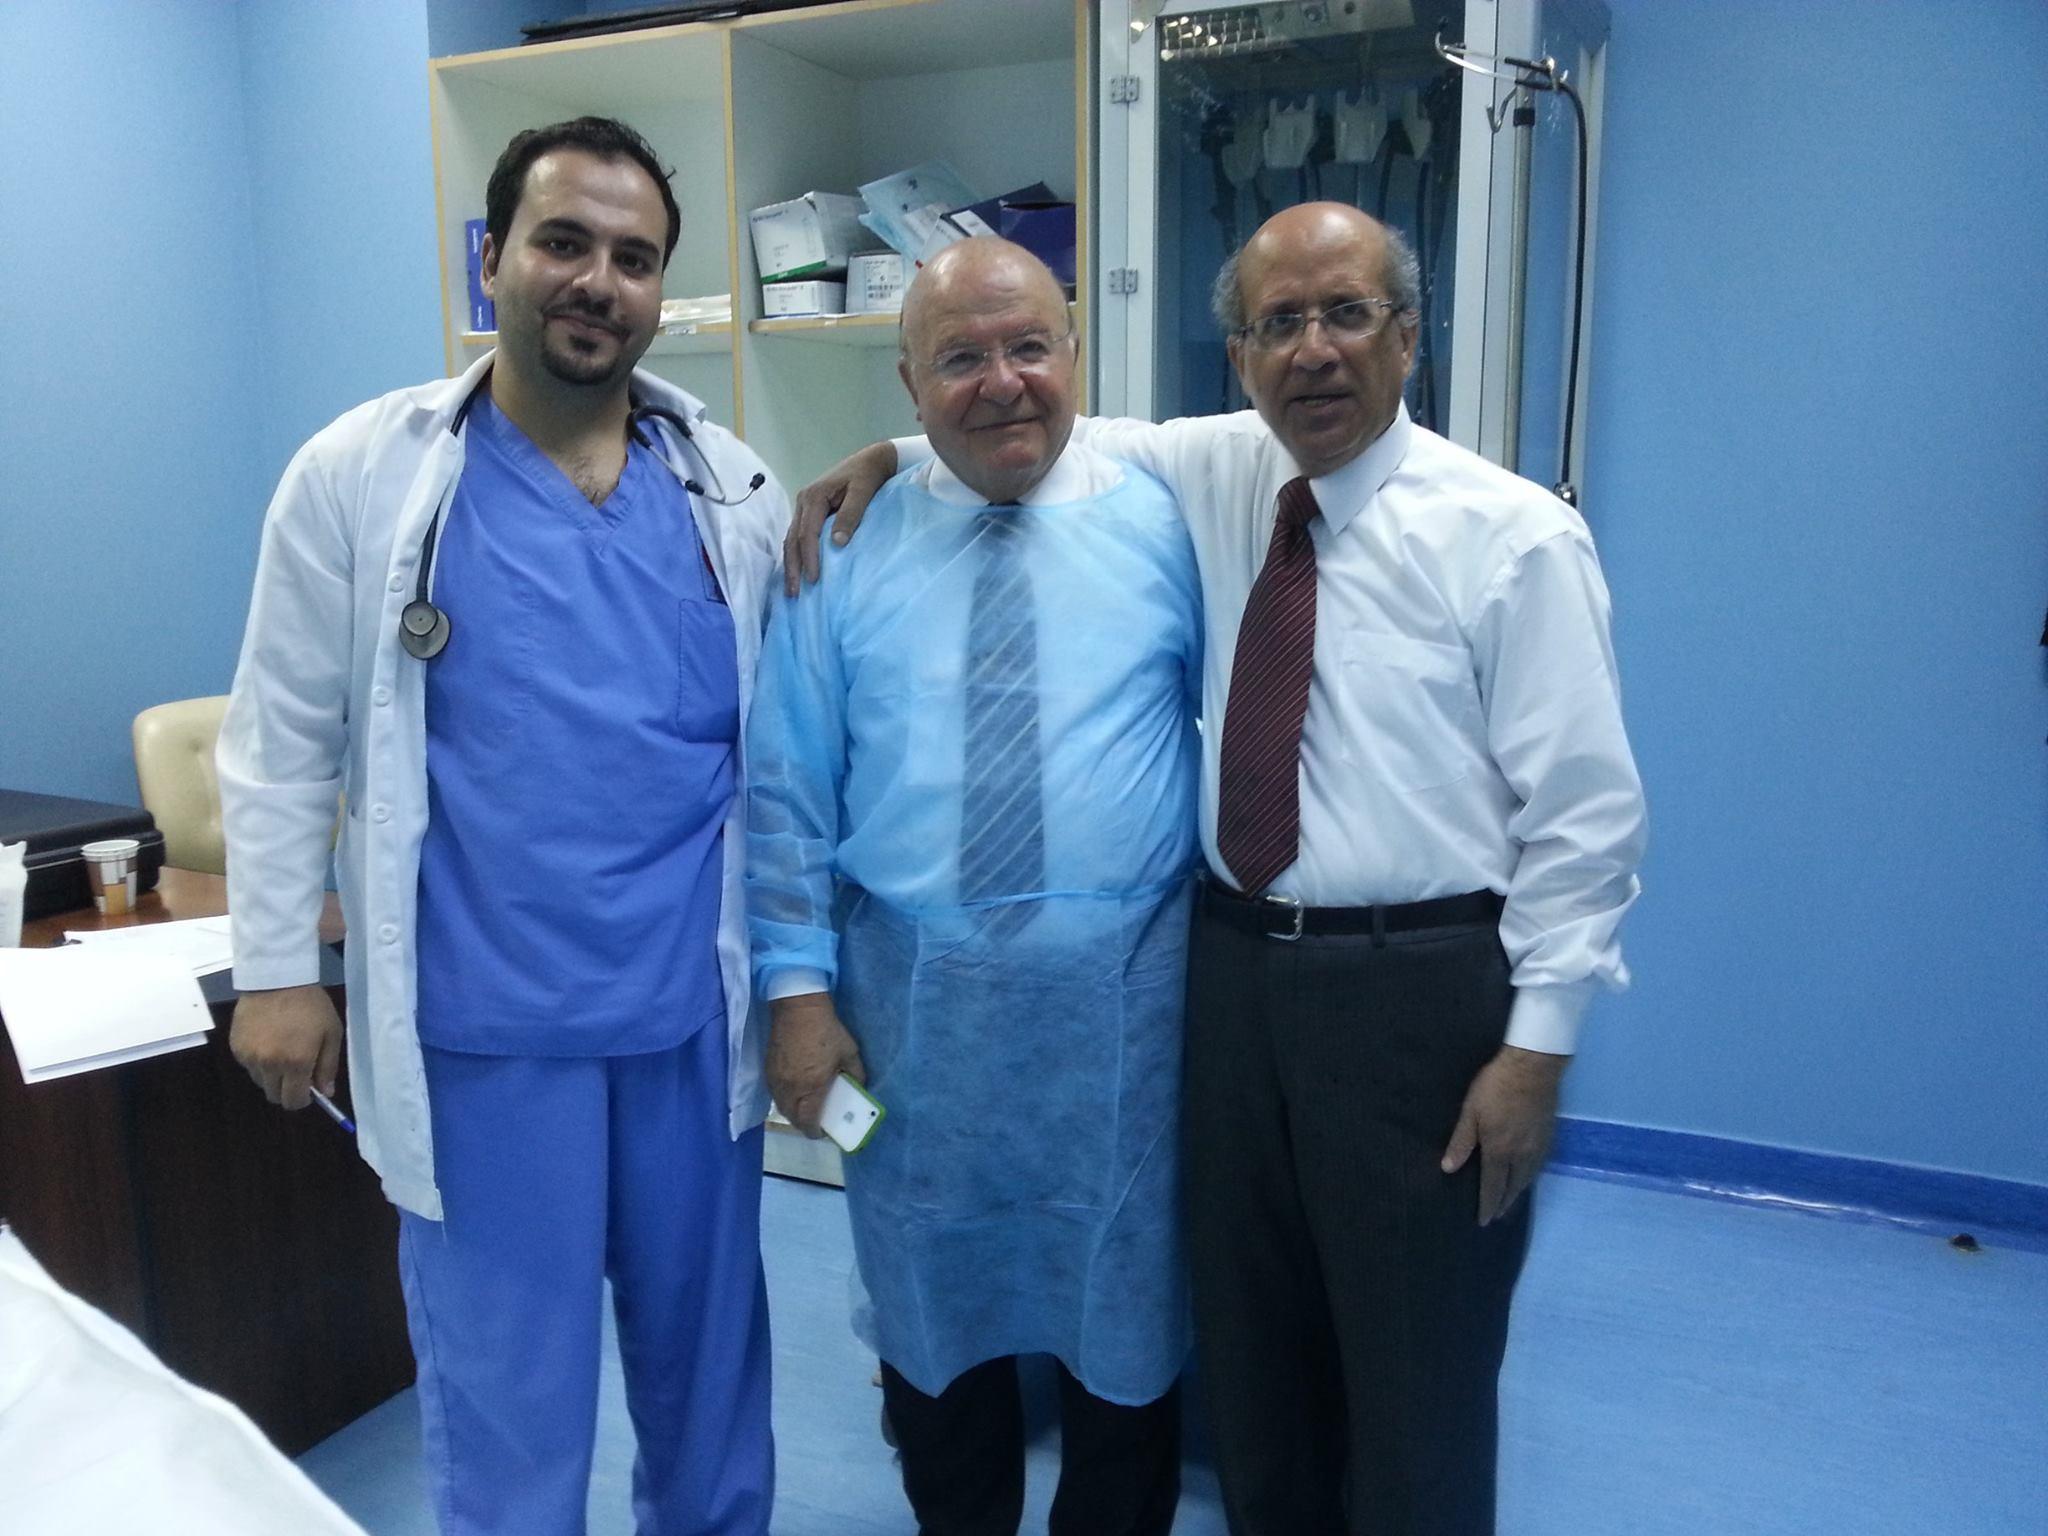 برفقة الزميل الدكتور زياد شرايحه والزميل الدكتور عبد الله نزال في قسم التنظير في المركز العربي الطبي 9-8-2014